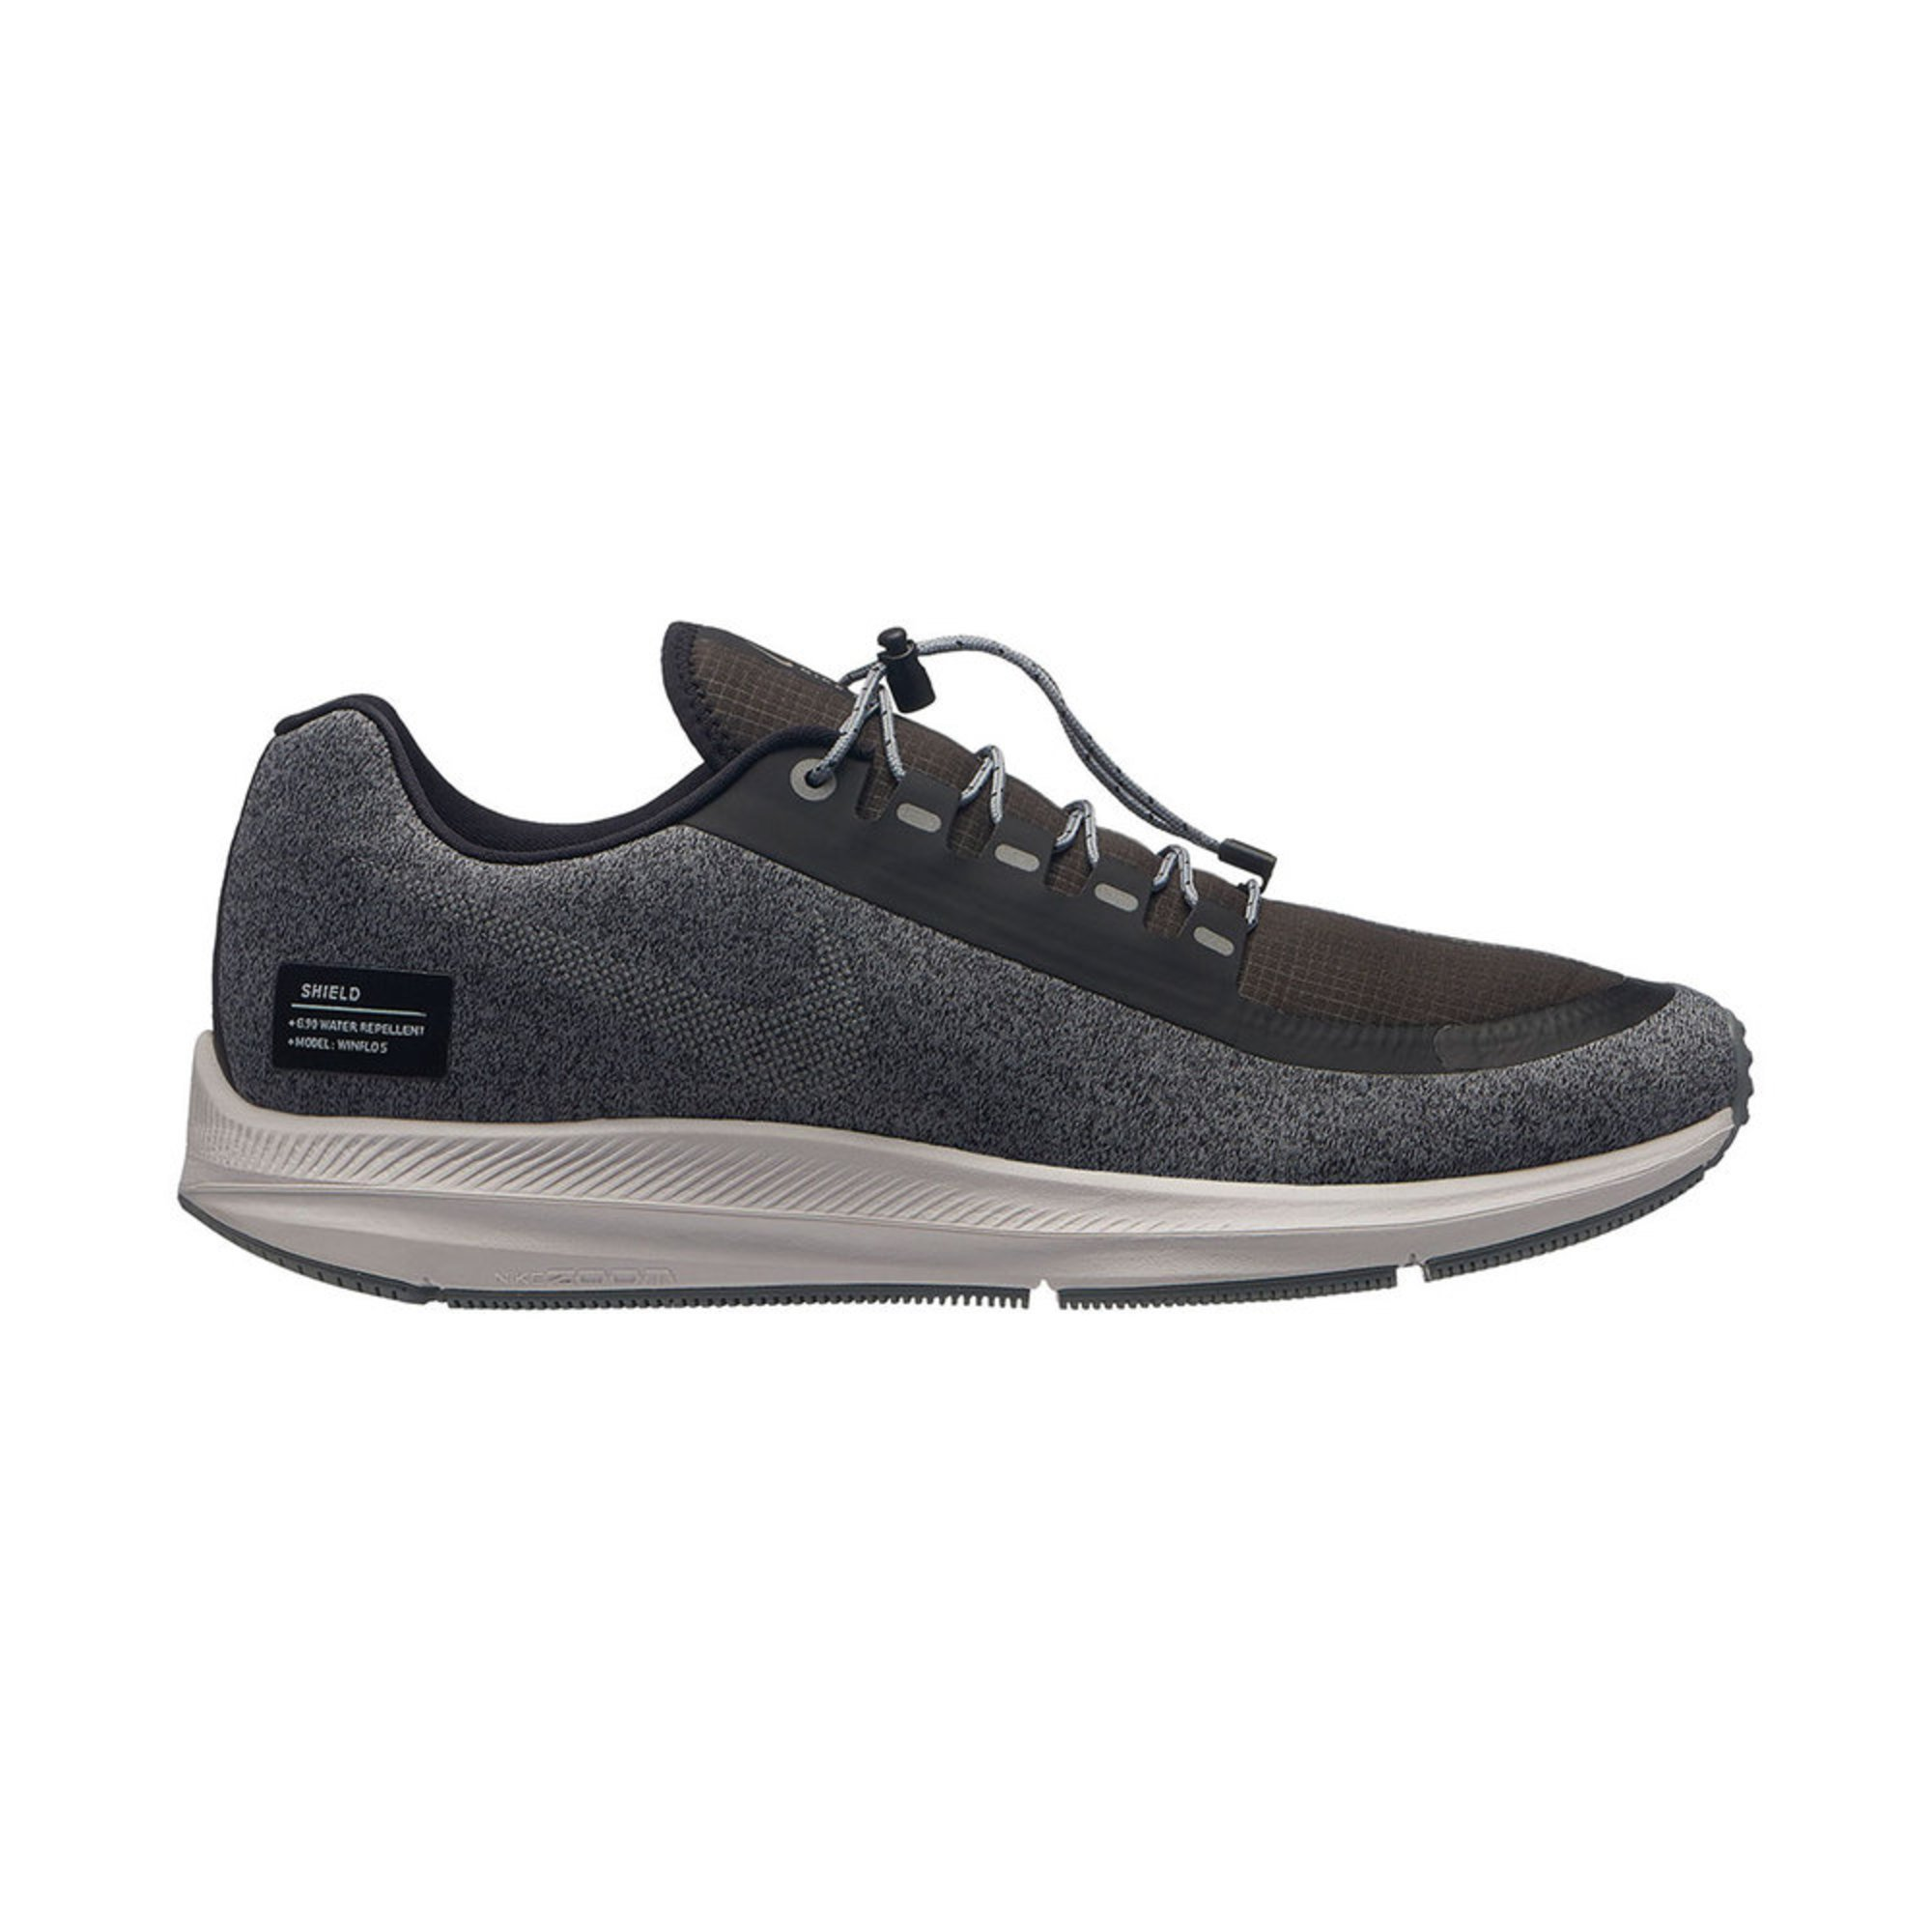 2119a5862ba5 Nike. Nike Men s Air Zoom Winflow 5 Running Shoe